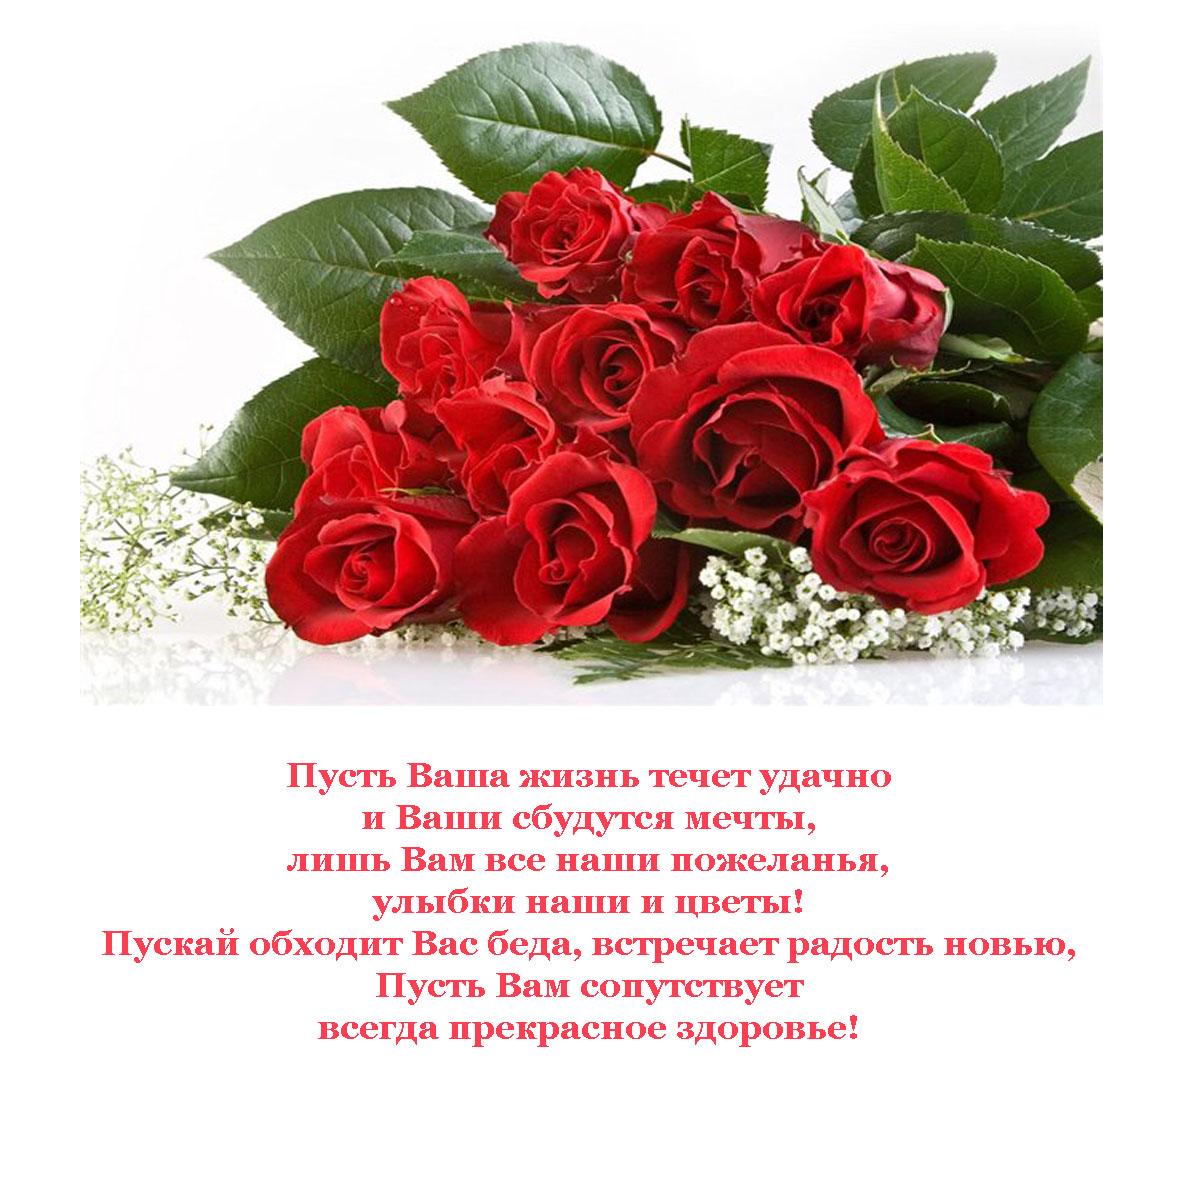 Ваши пожелания и поздравления